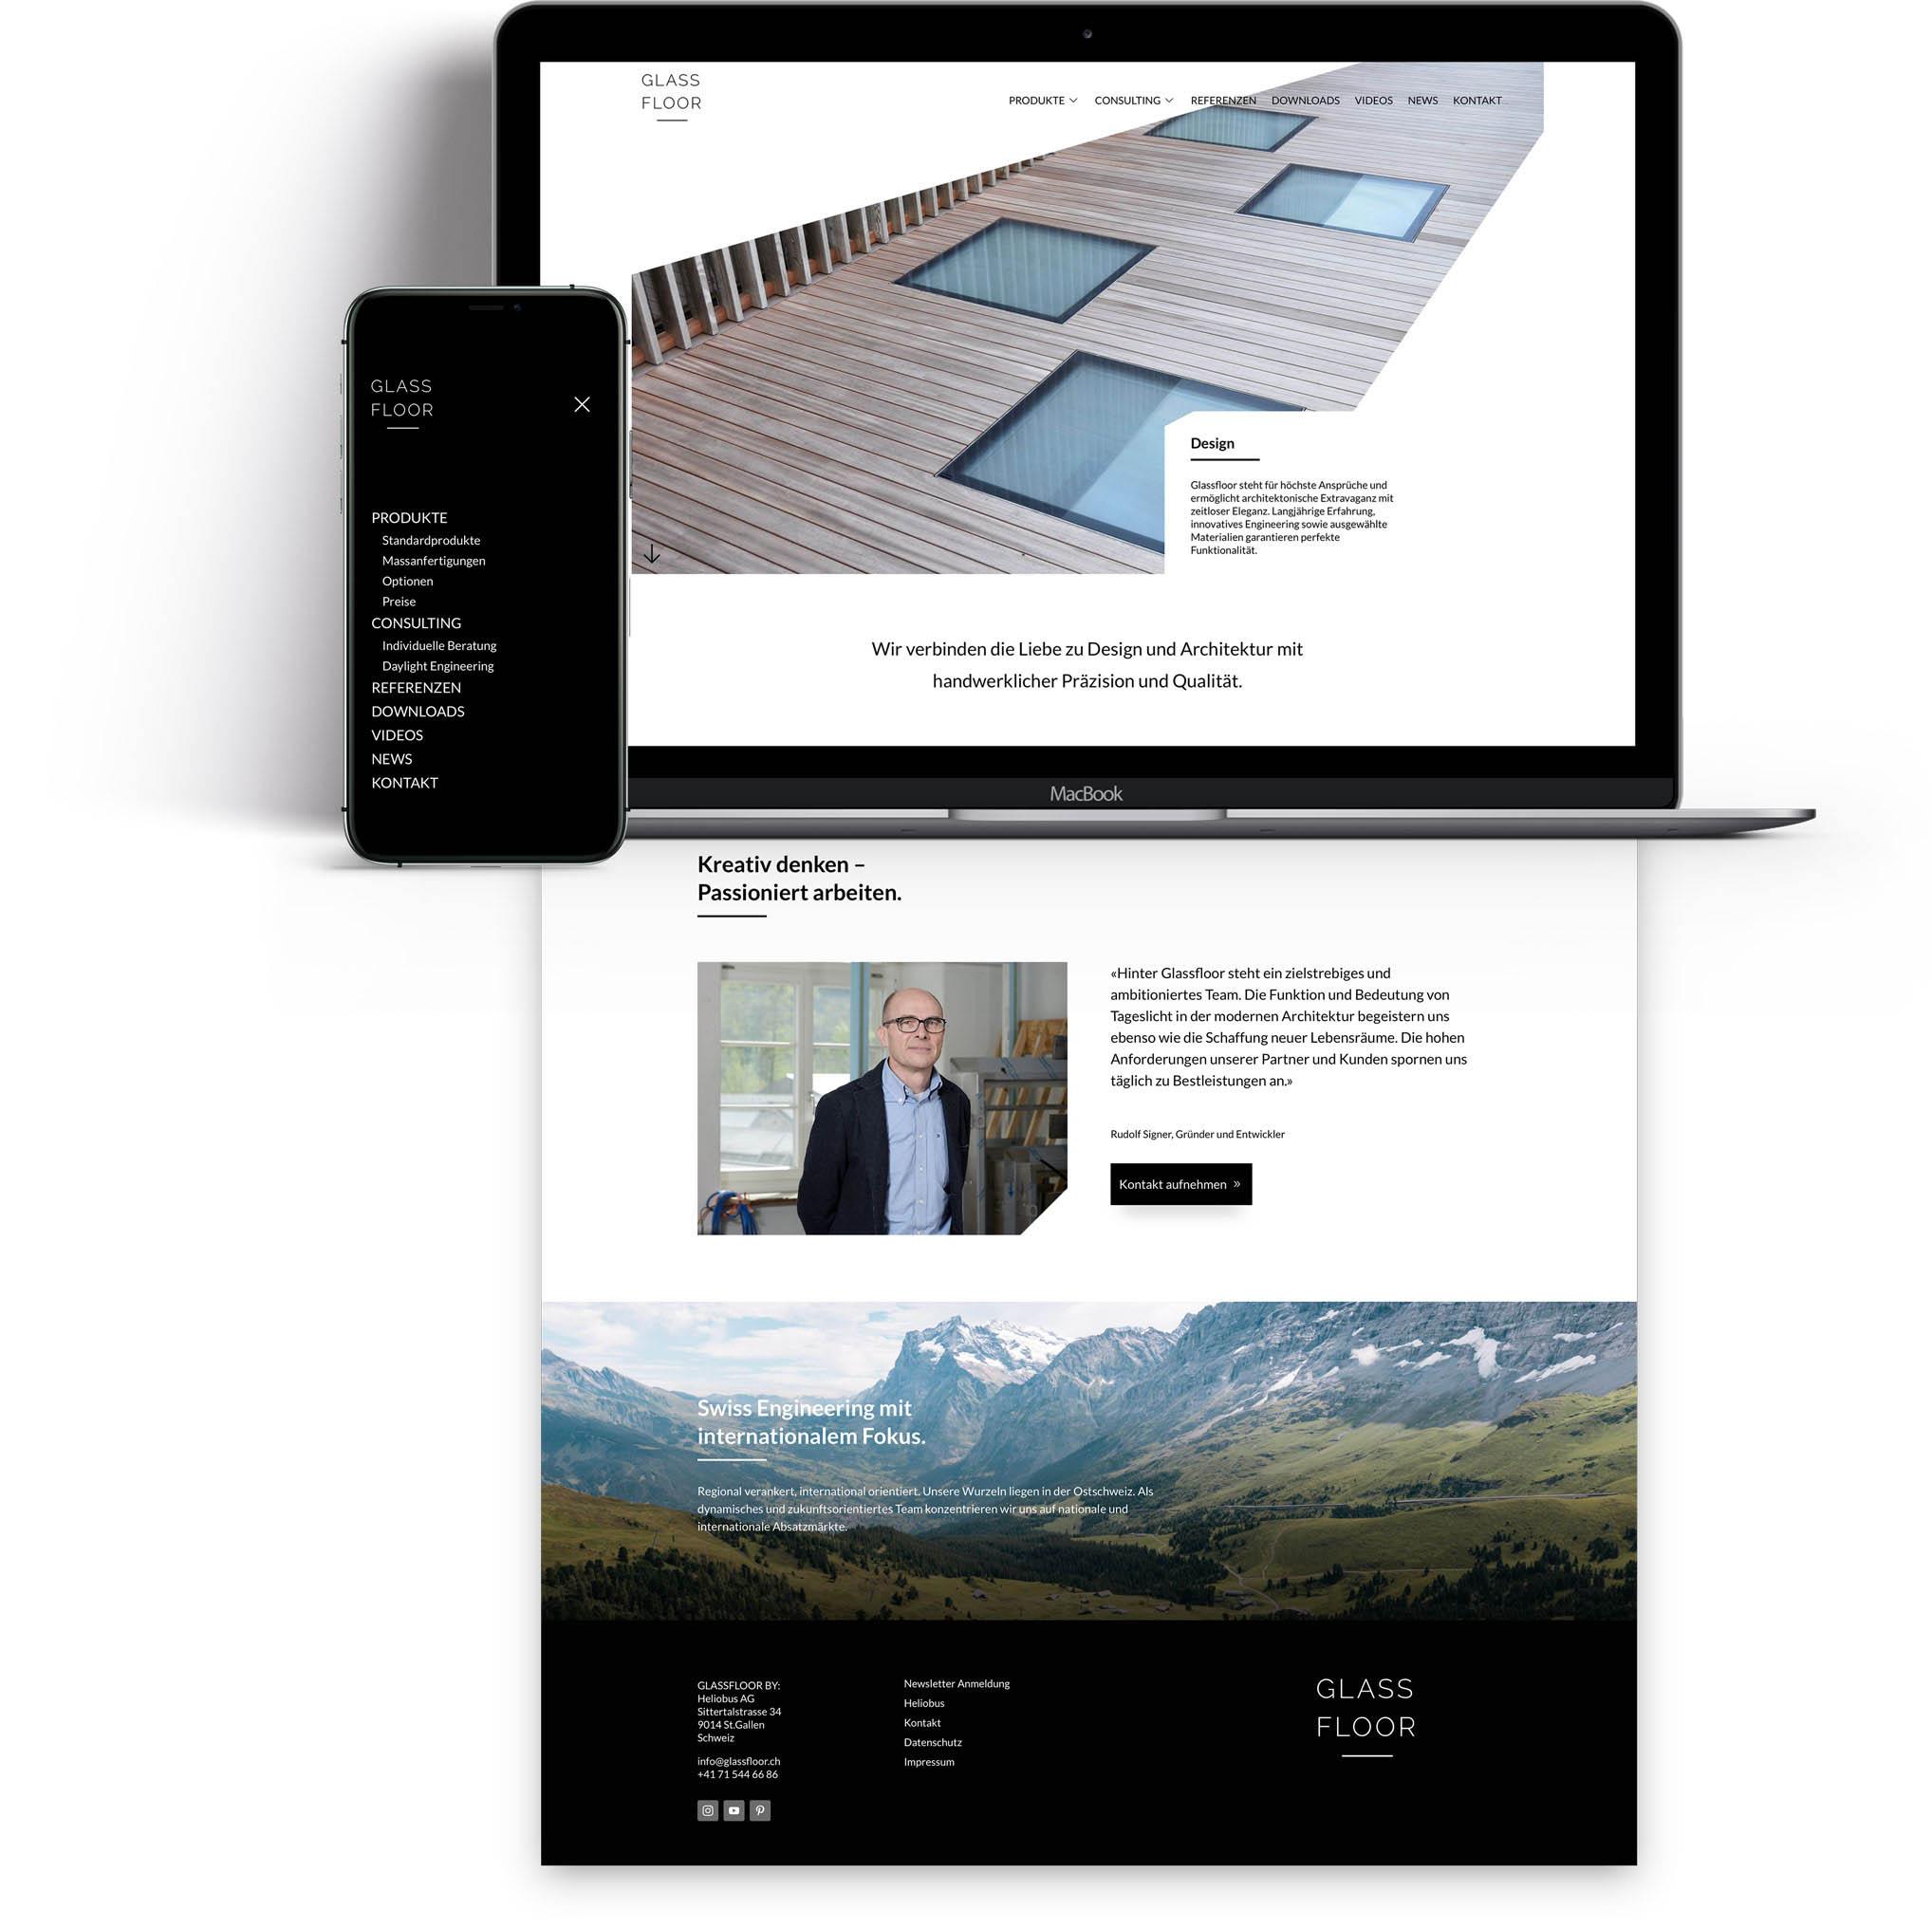 Glassfloor_WebsiteGlassfloor-Gasser-Miesch-Digitalagentur-Stgallen